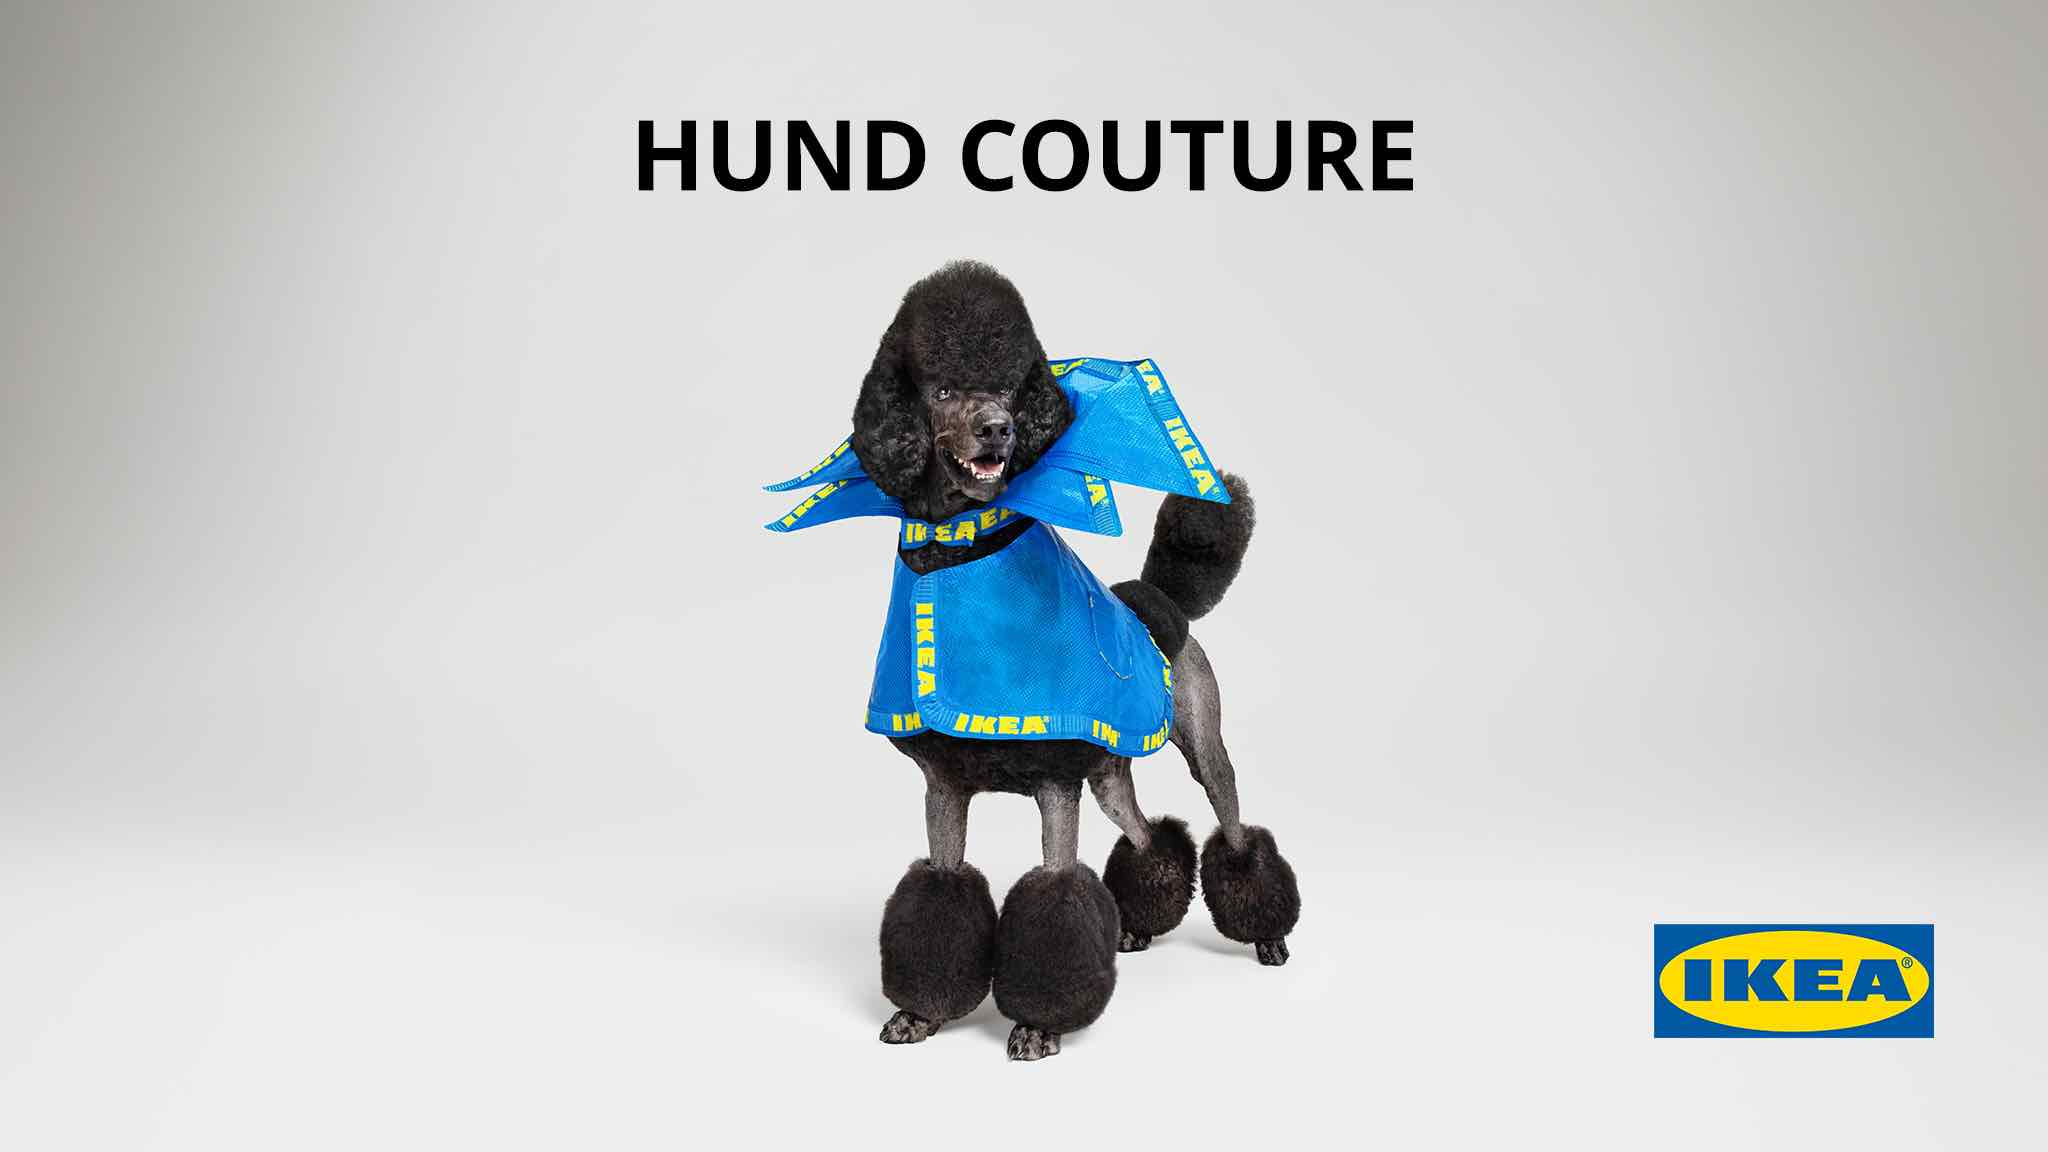 IKEA Hund Couture